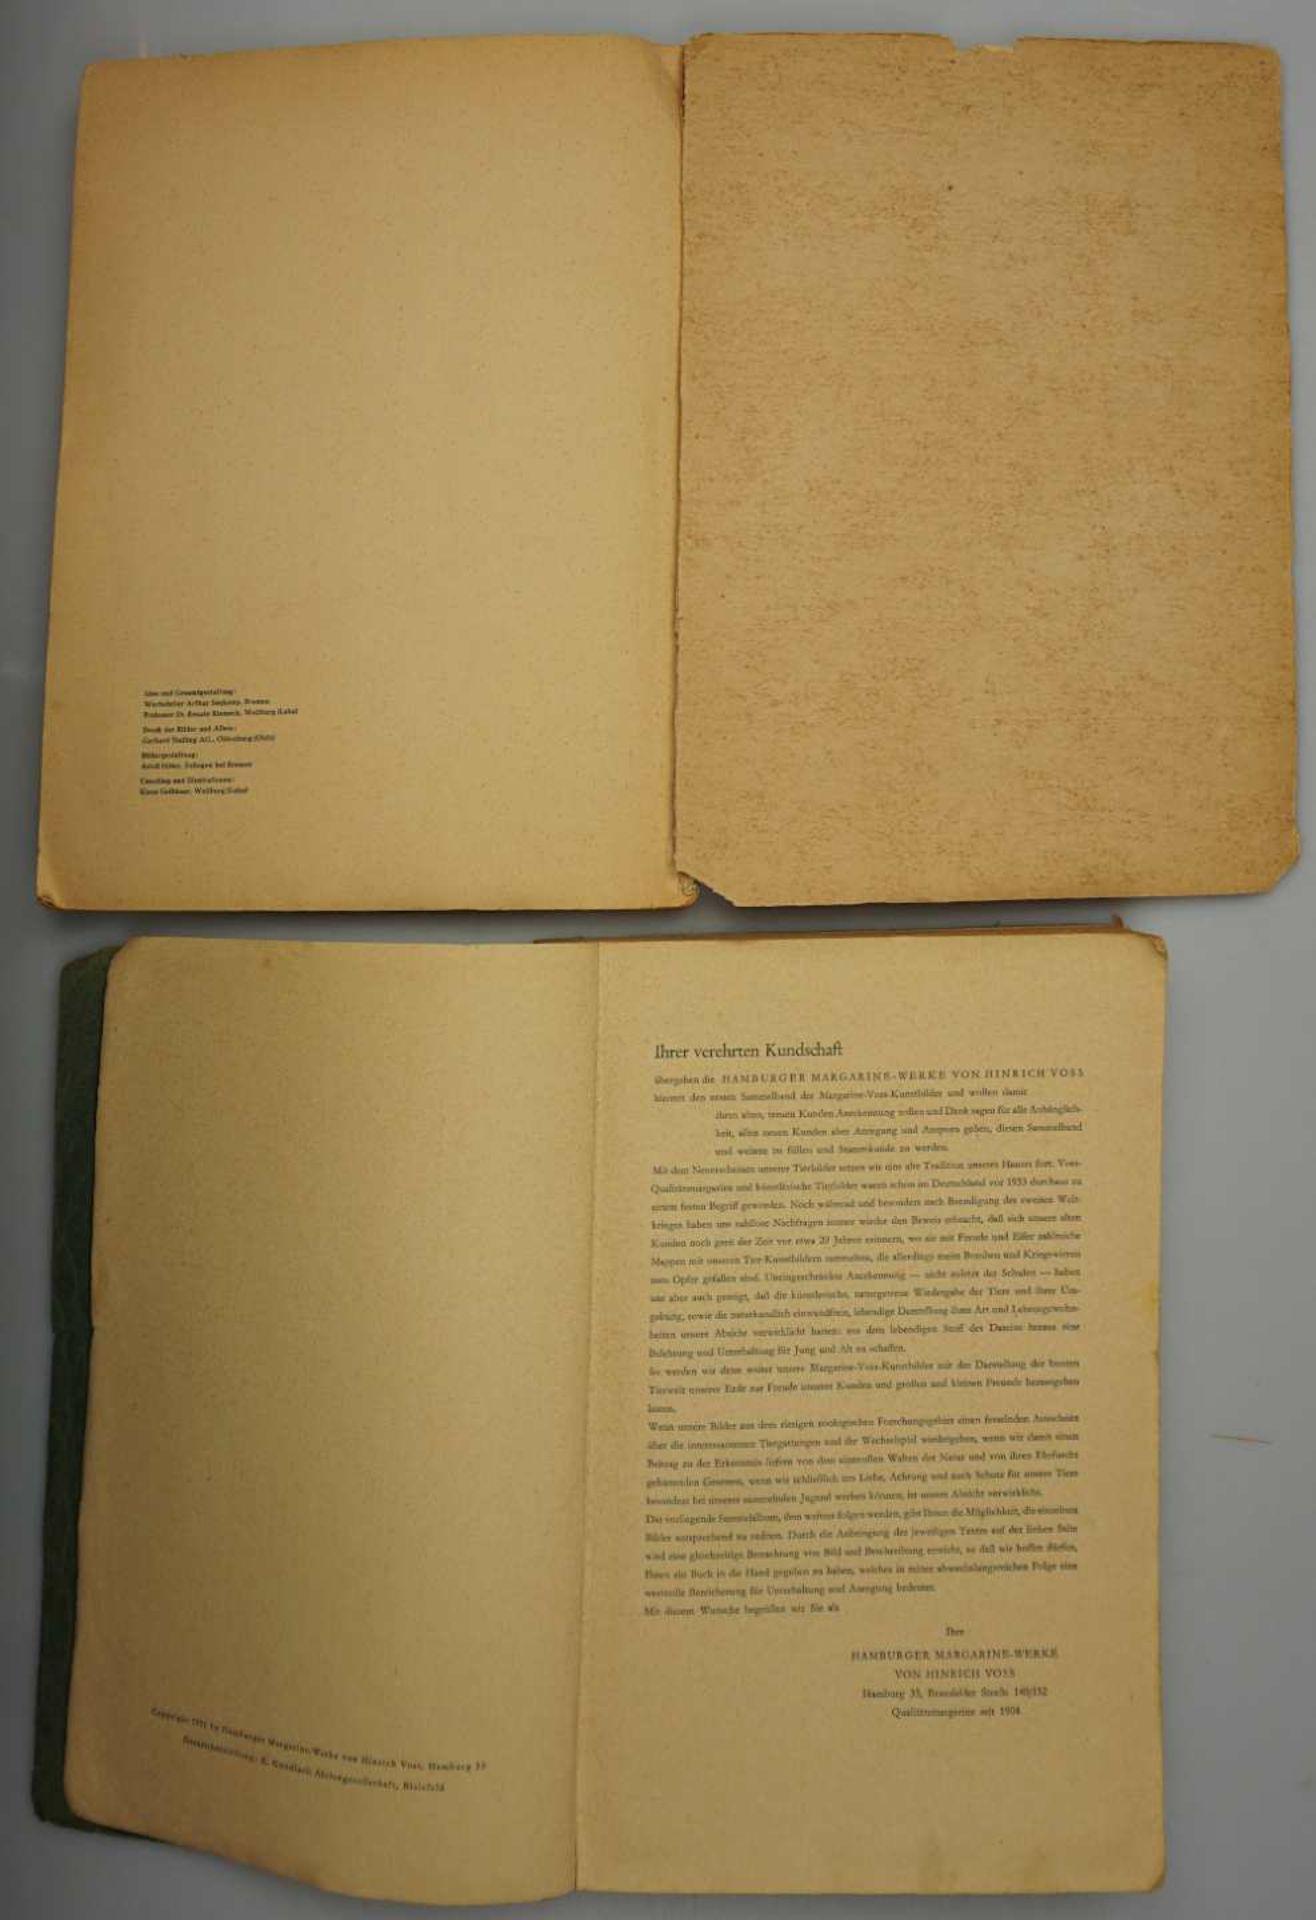 """1 Sammelbilderalbum """"Das Tierreich"""" Band I, VOSS-Kunstbilder, Bielefeld 1951 sowie 1 S - Bild 3 aus 3"""